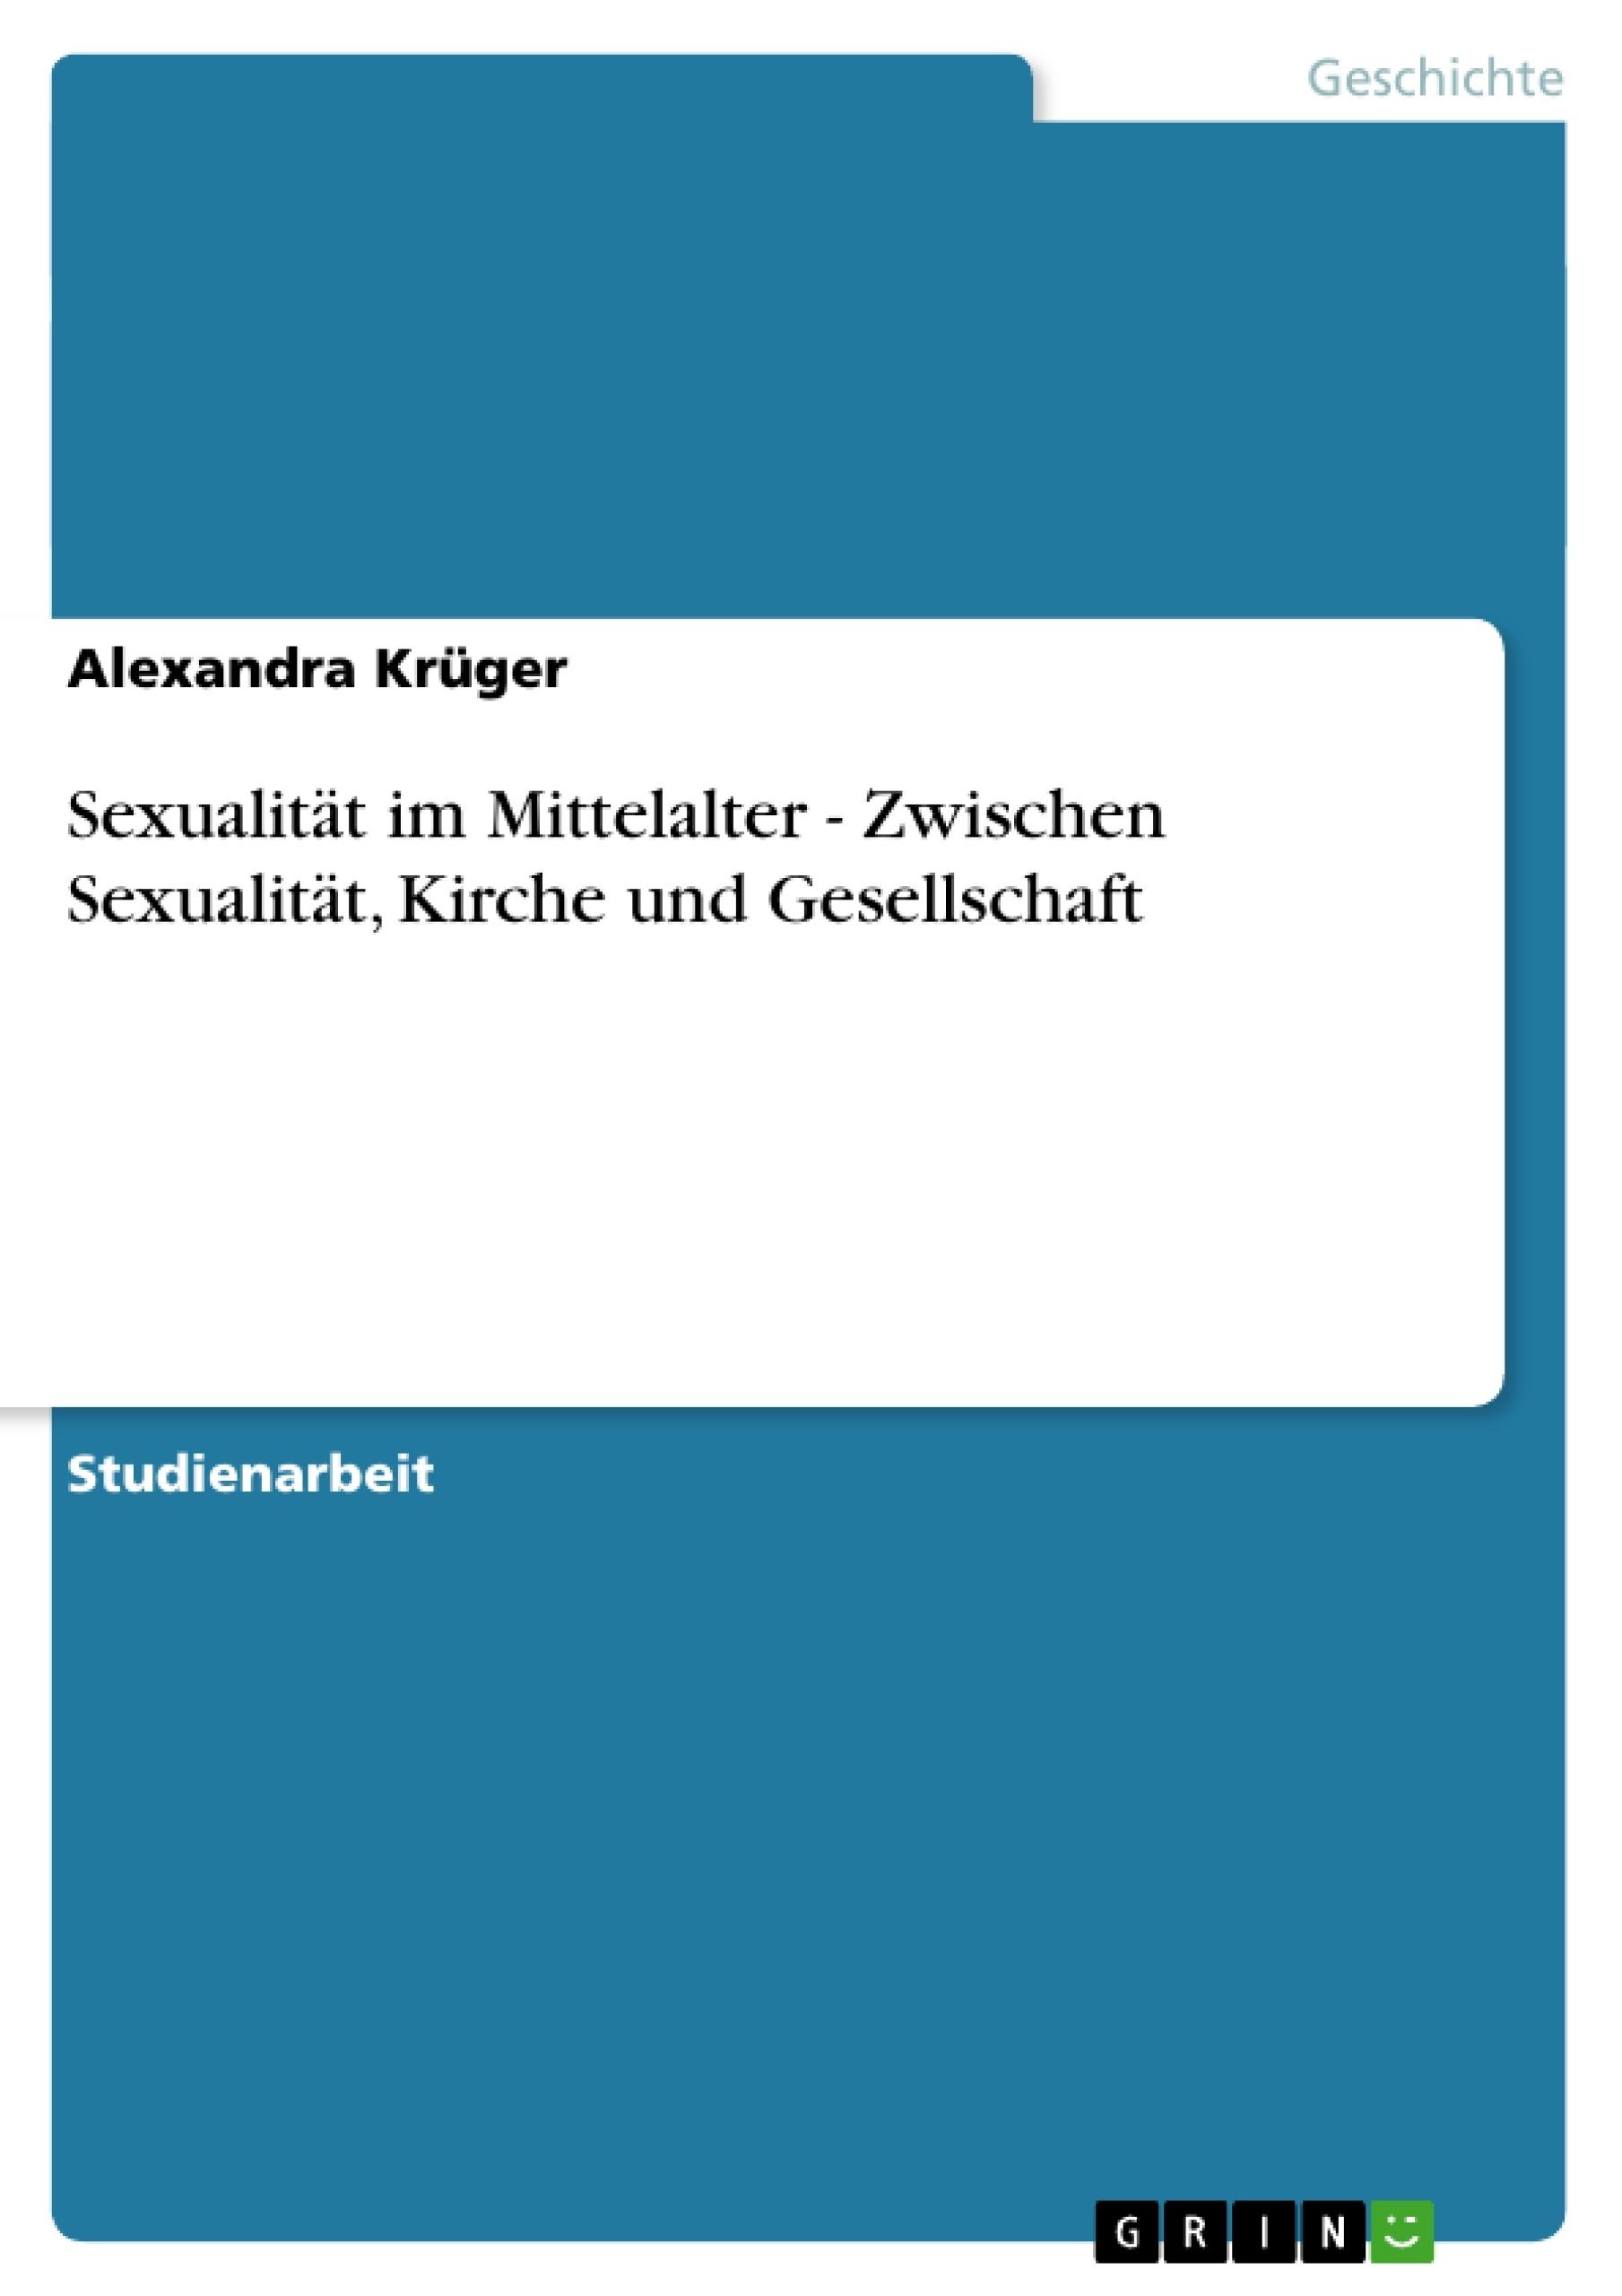 Titel: Sexualität im Mittelalter - Zwischen Sexualität, Kirche und Gesellschaft